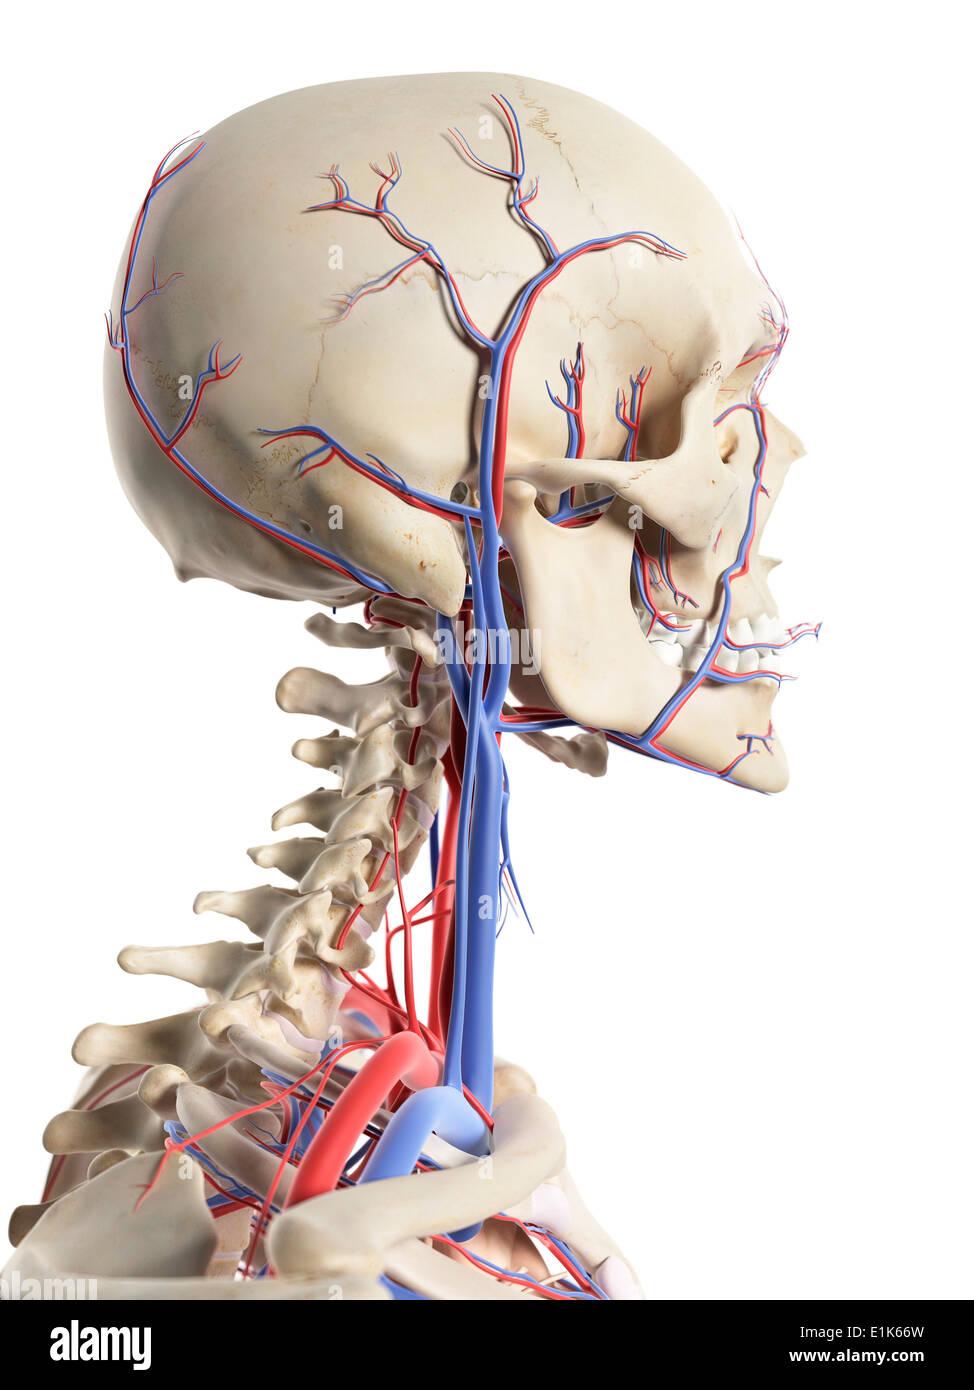 Wunderbar Blutgefäße Im Kopf Bilder - Anatomie Ideen - finotti.info